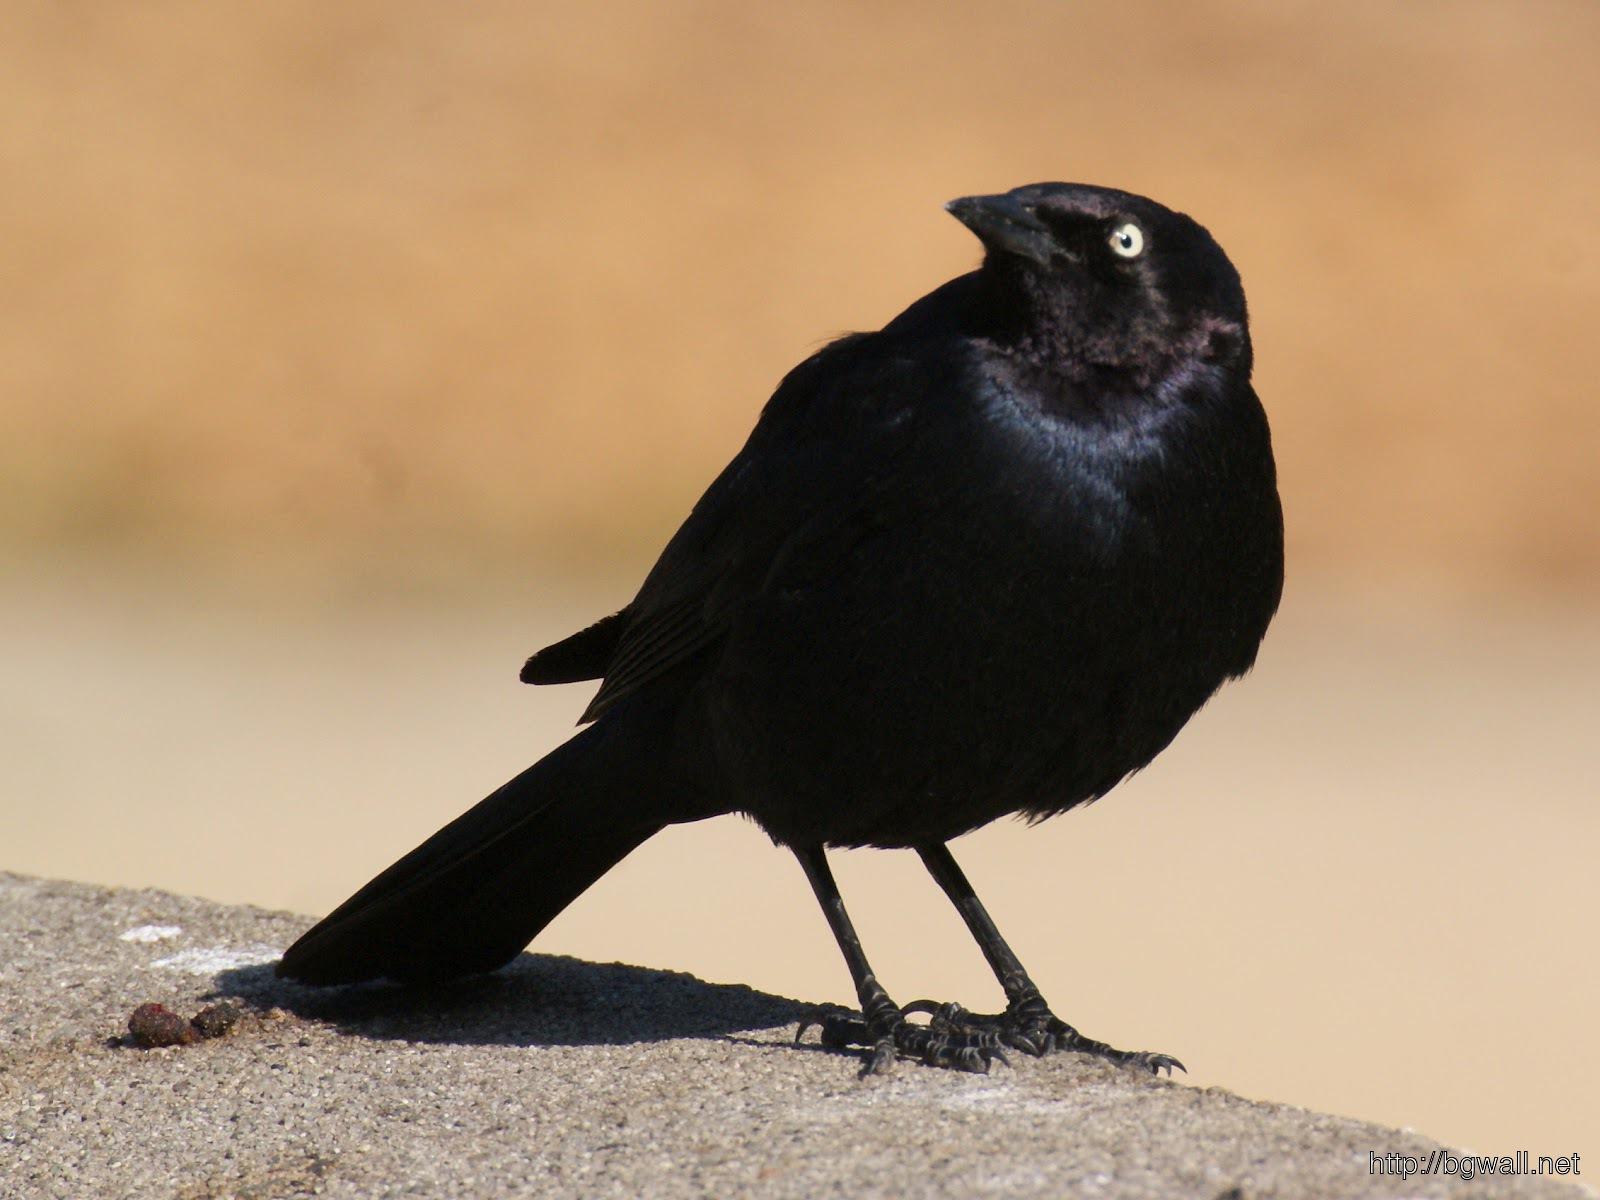 Blackbird-Wallpaper